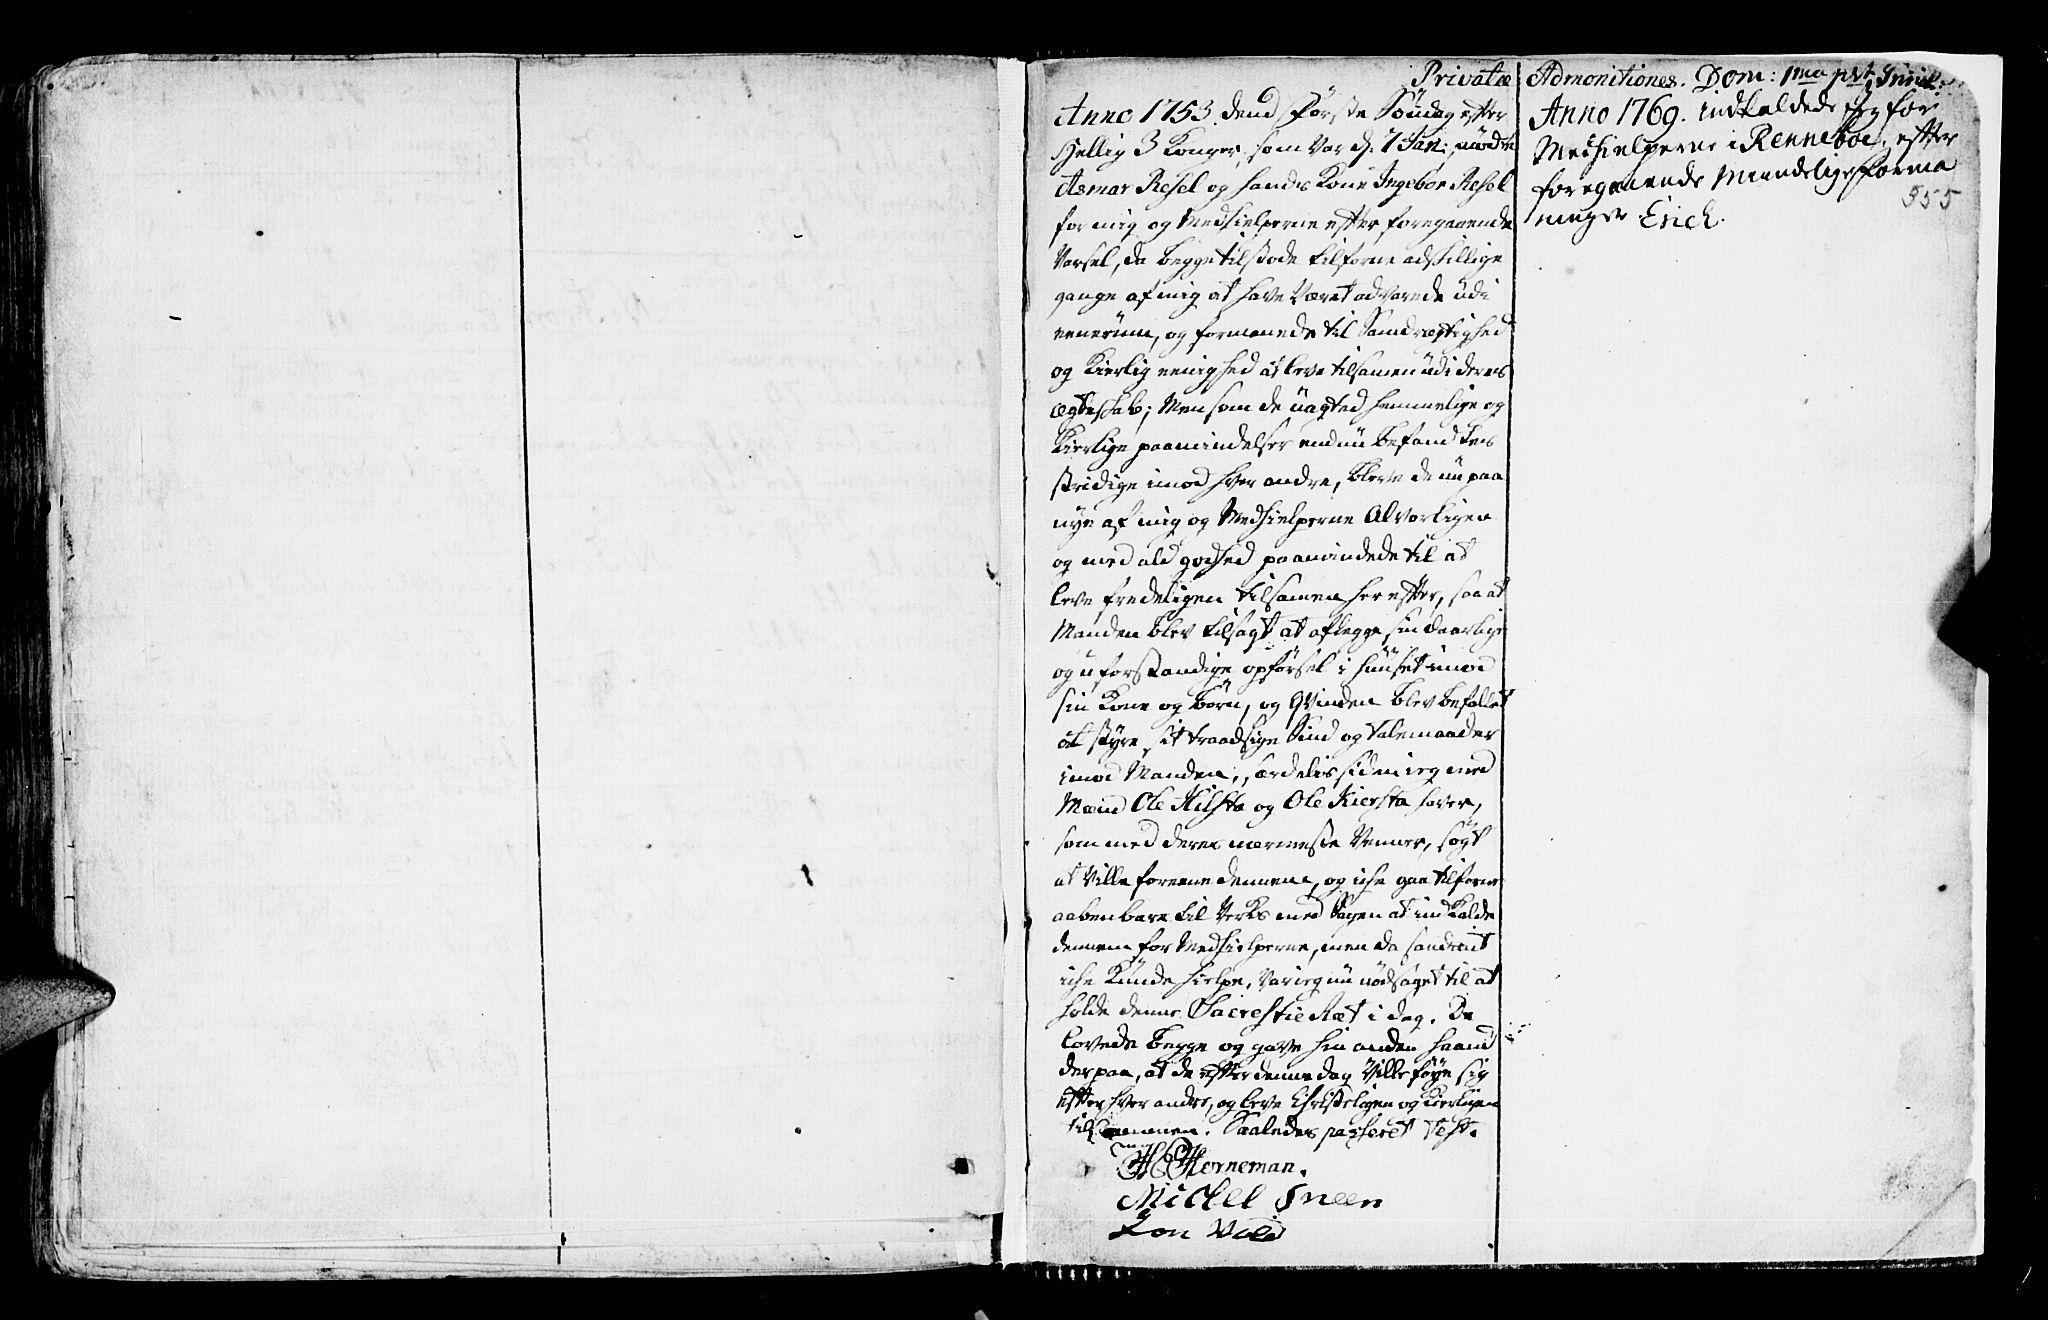 SAT, Ministerialprotokoller, klokkerbøker og fødselsregistre - Sør-Trøndelag, 672/L0851: Ministerialbok nr. 672A04, 1751-1775, s. 555